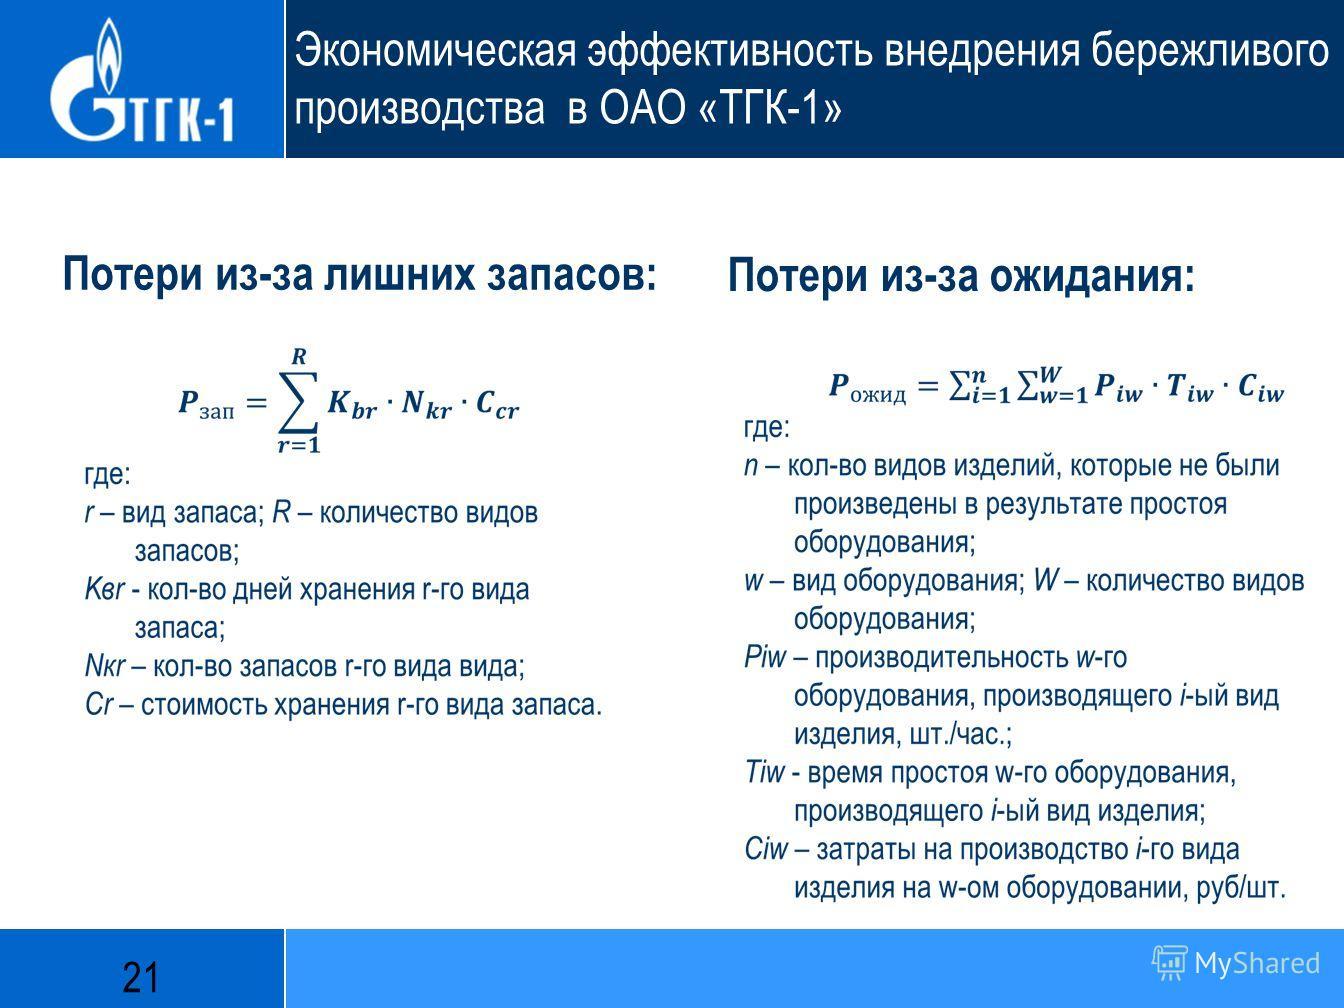 Экономическая эффективность внедрения бережливого производства в ОАО «ТГК-1» Потери из-за ожидания: Потери из-за лишних запасов: 21